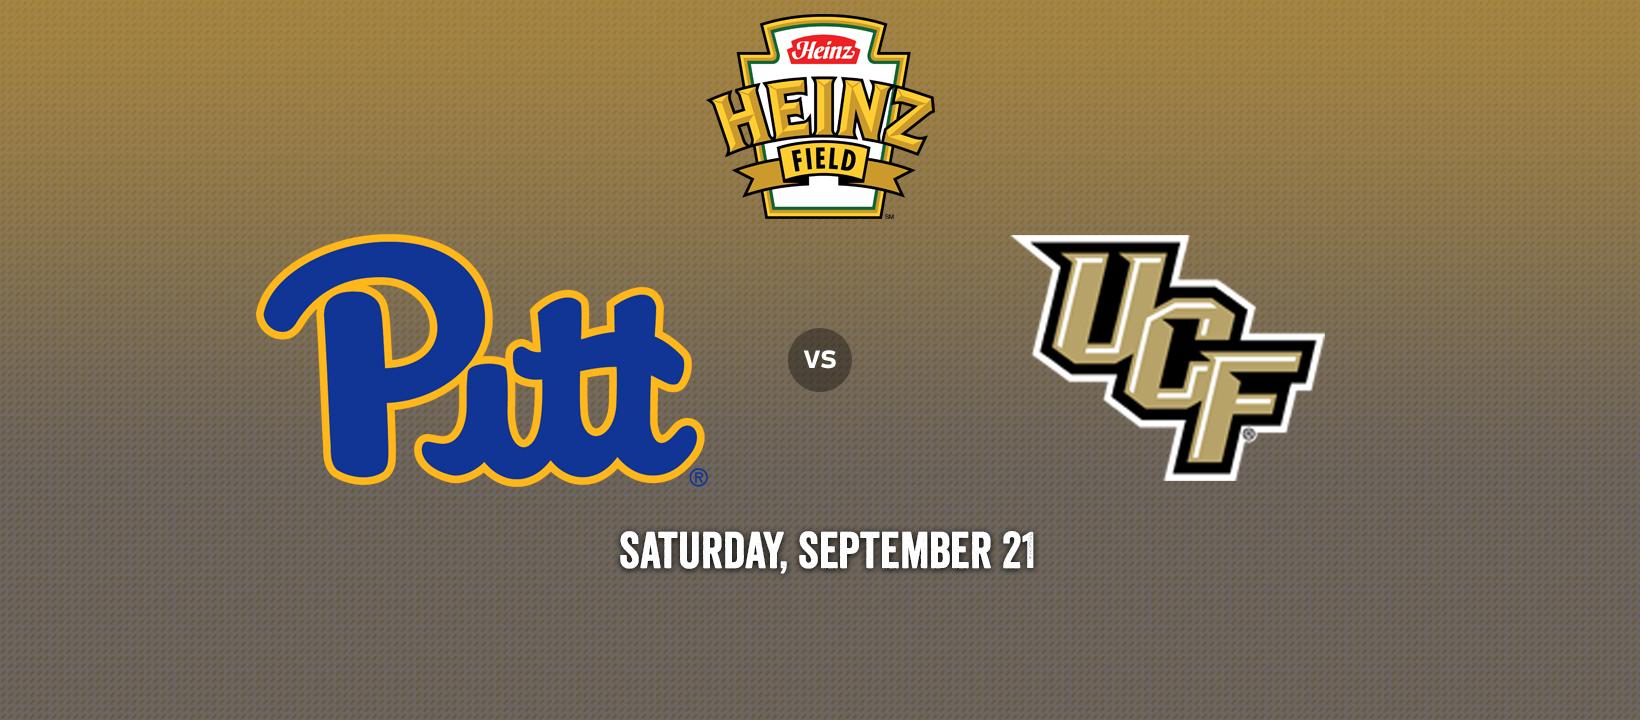 2019 Pitt vs. UCF